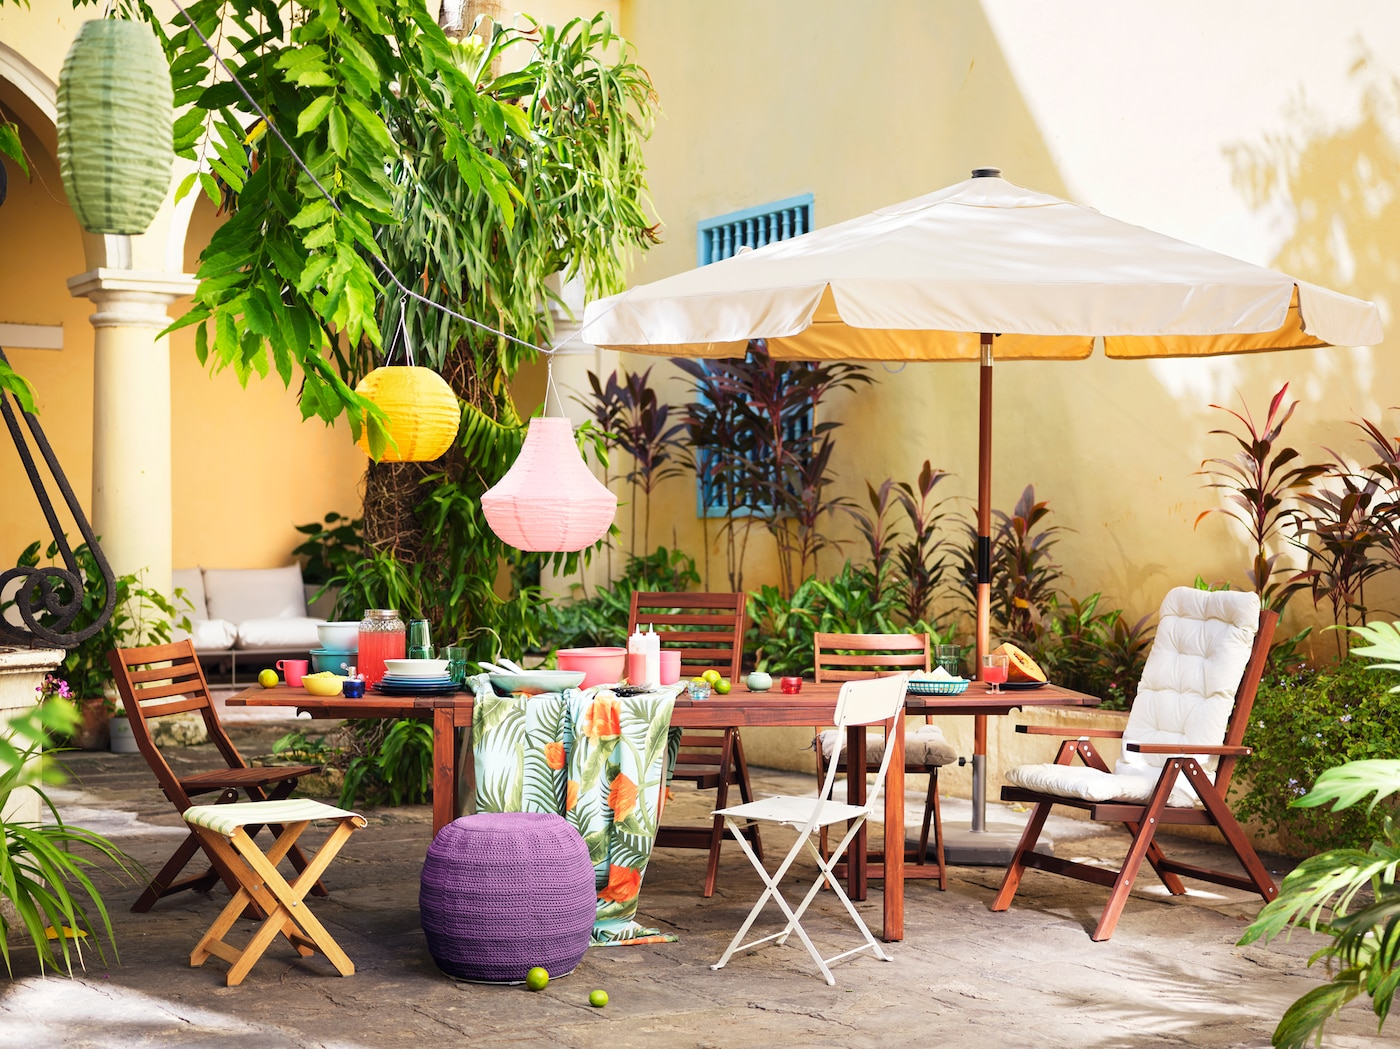 Une table en bois et une variété de chaises disposées à l'extérieur contre un mur jaune, avec un parasol et des lanternes colorées.